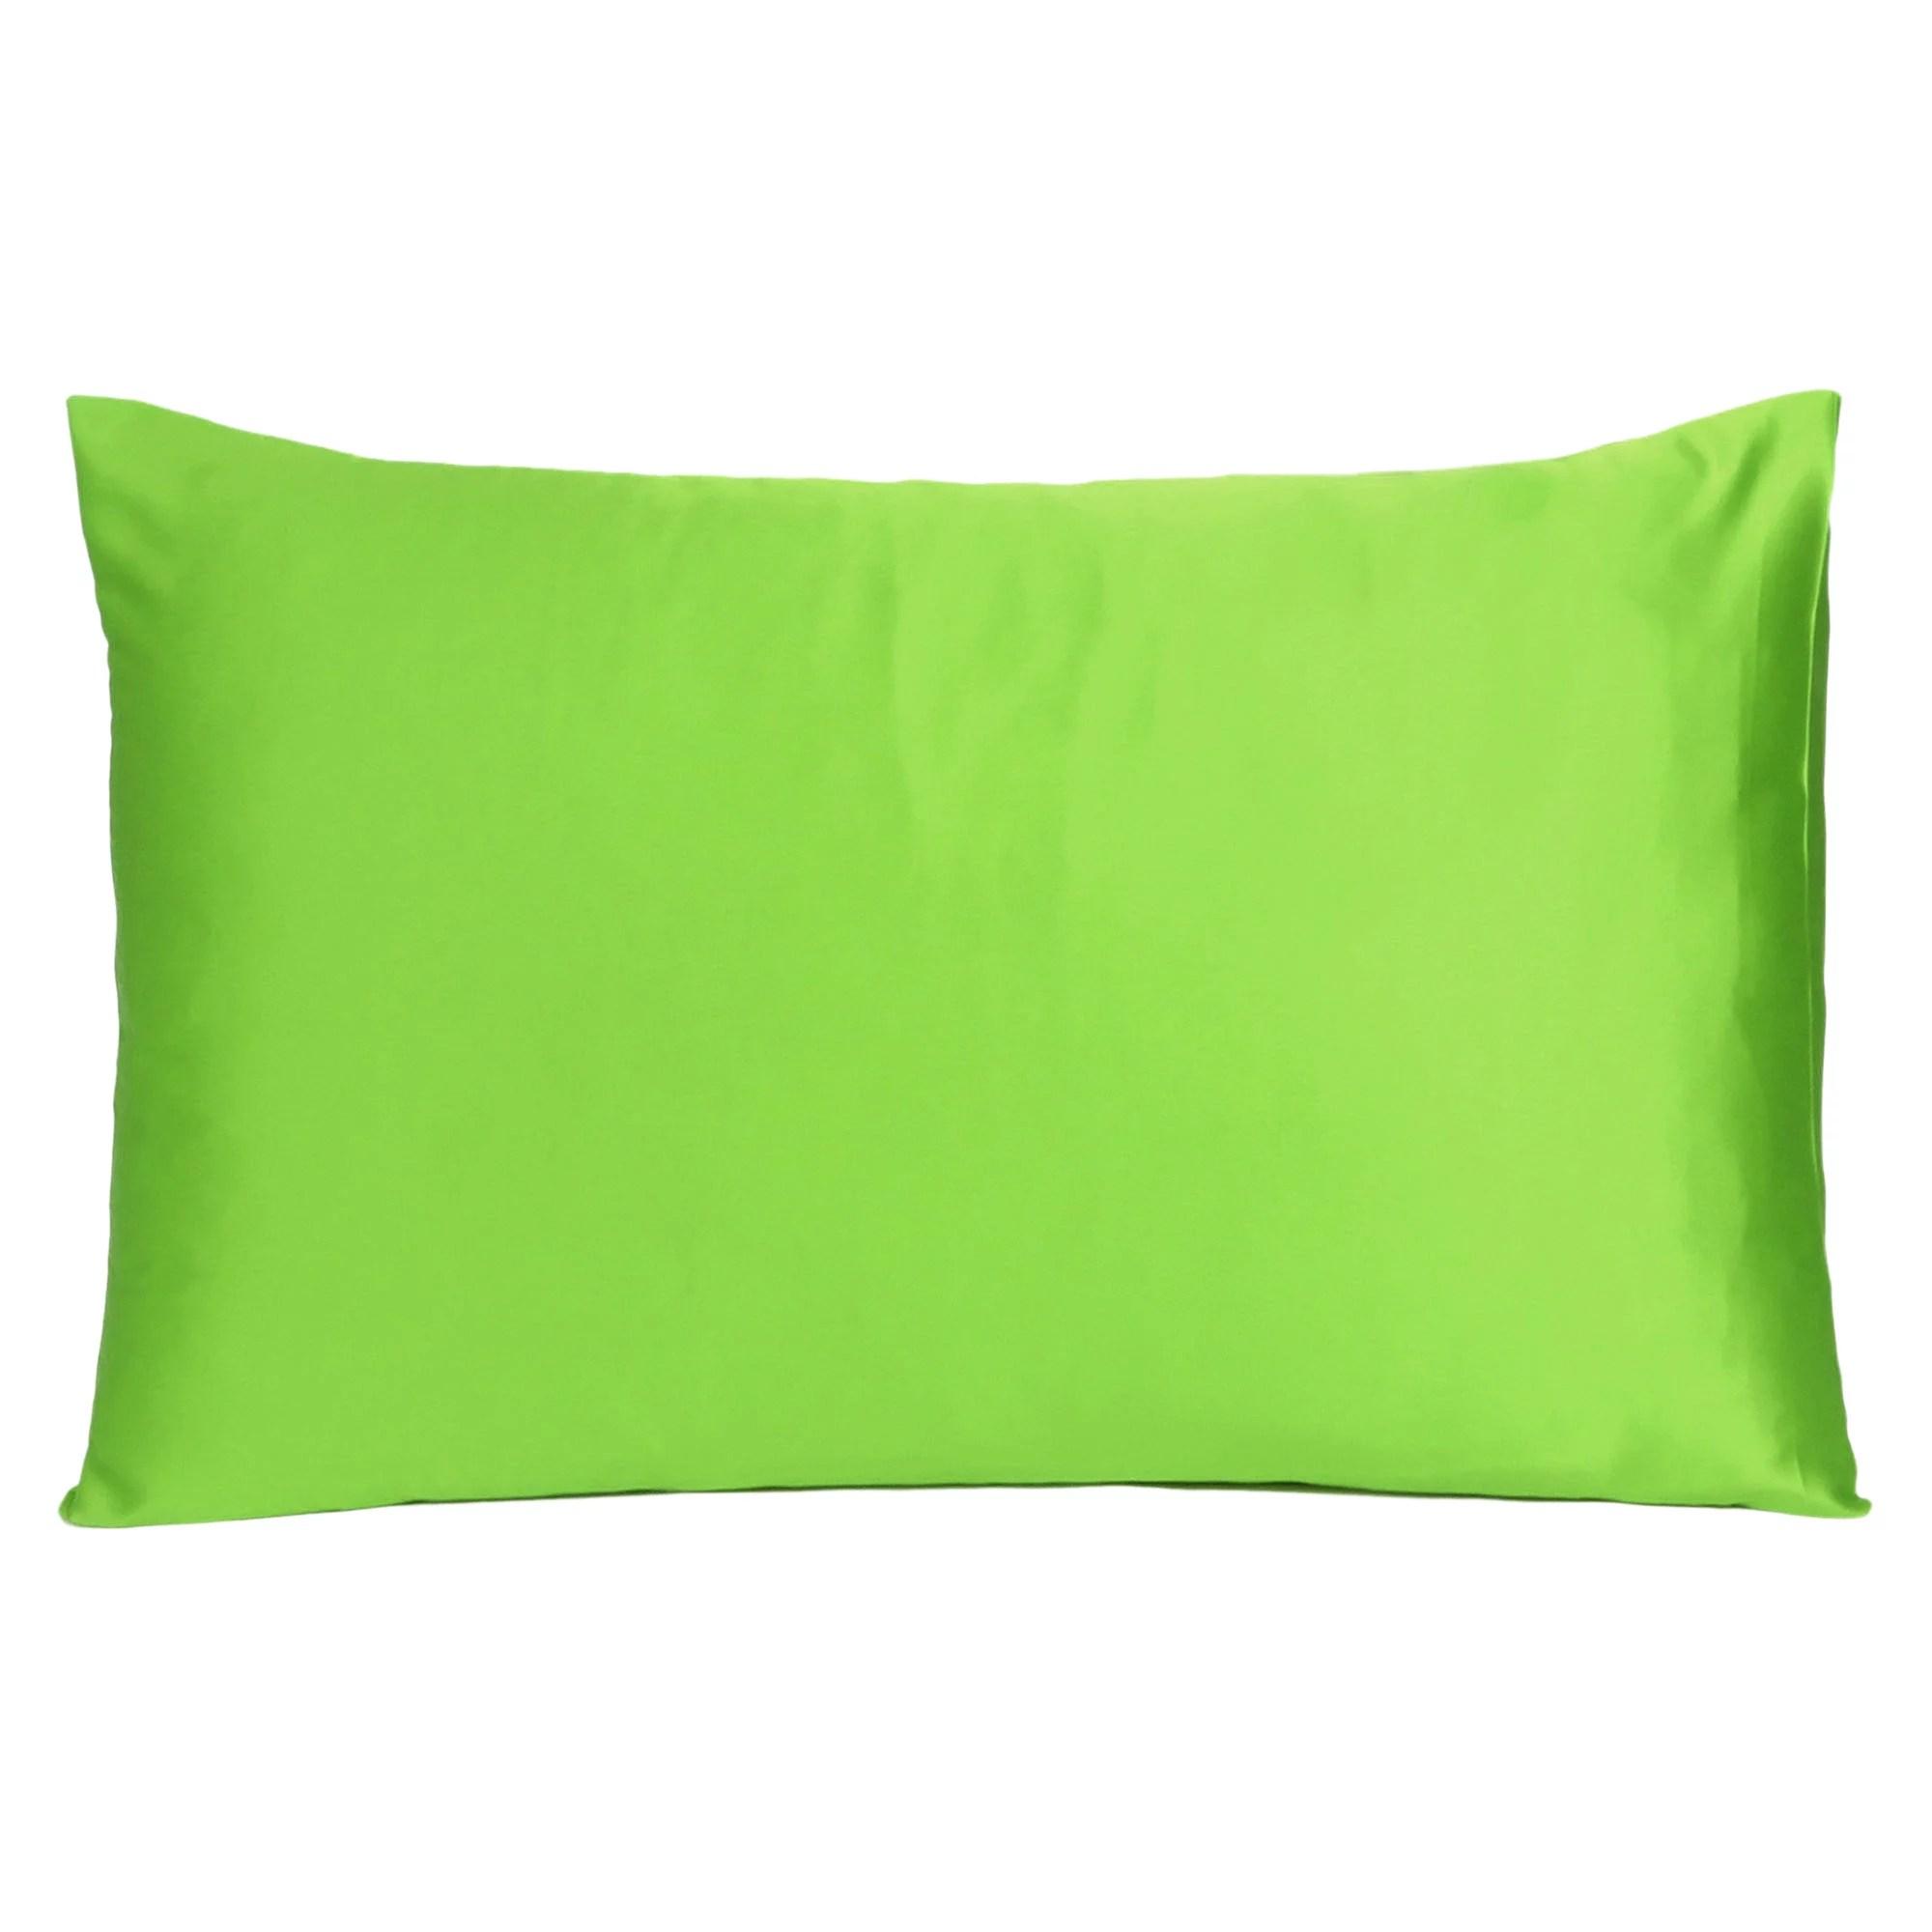 king pillows walmart online